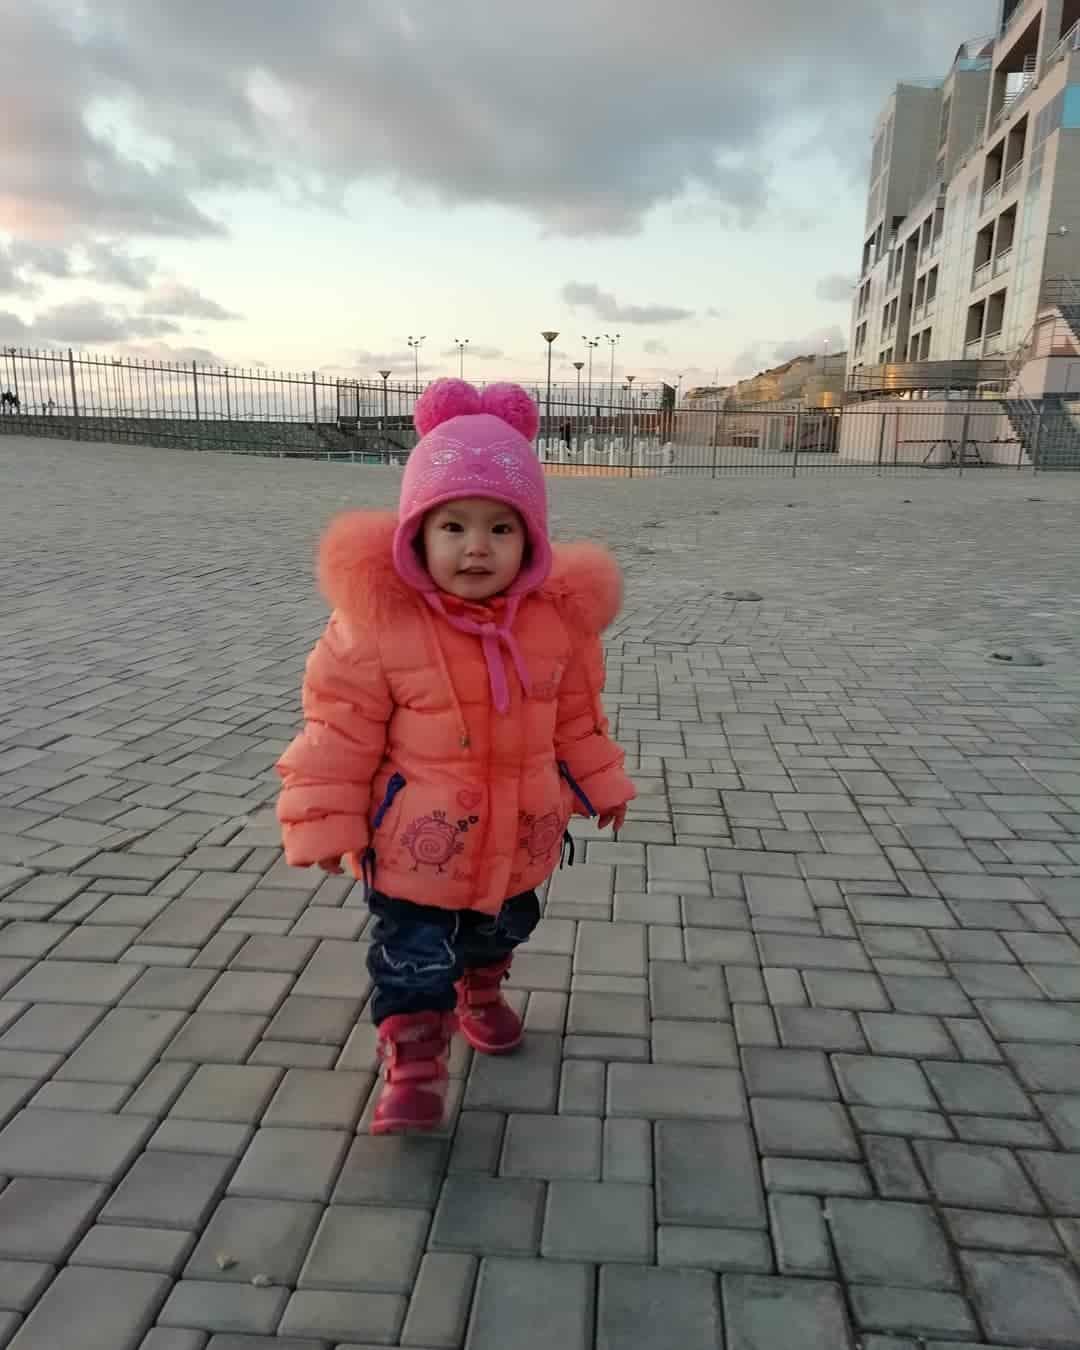 Ropa para niños 2019- abrigos para las ninas pequenas